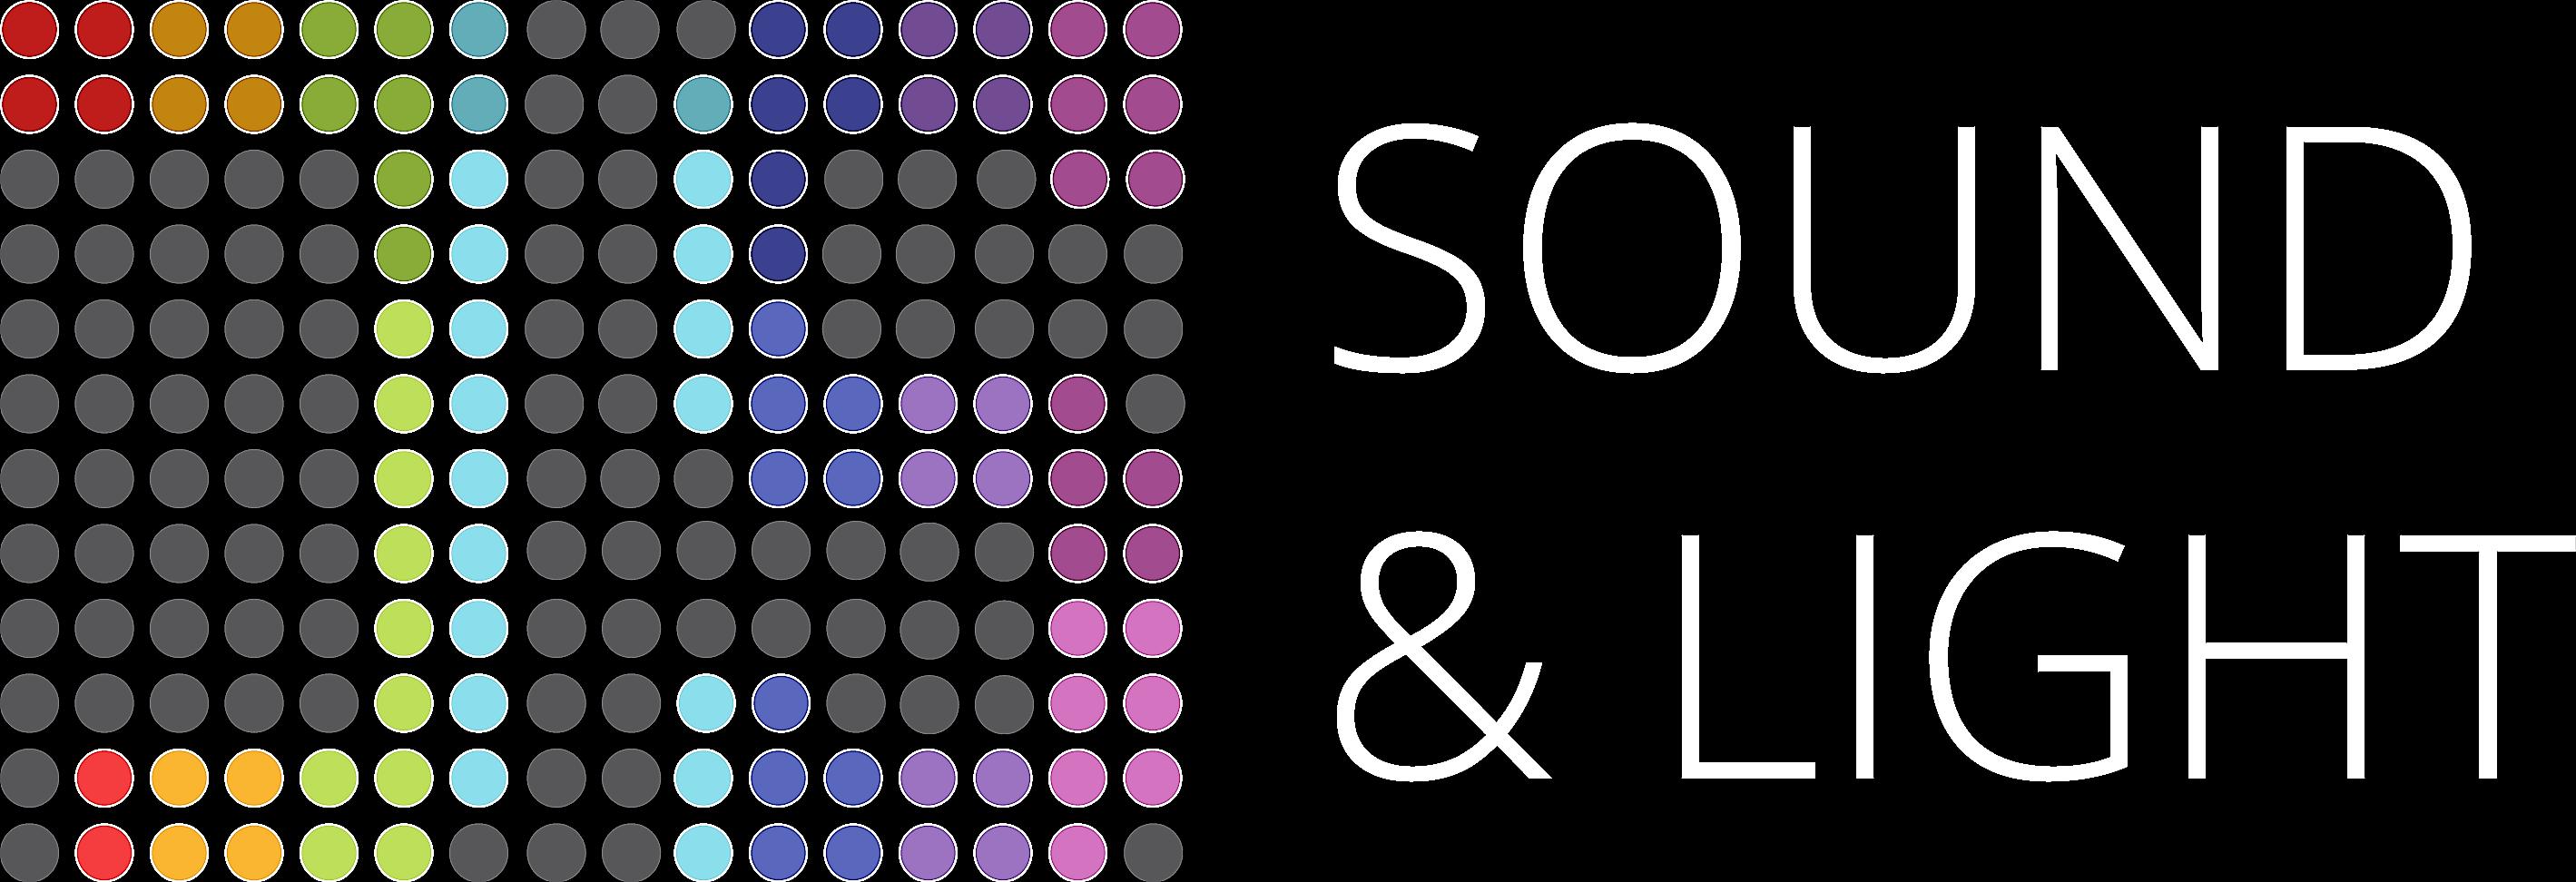 JS sound & light